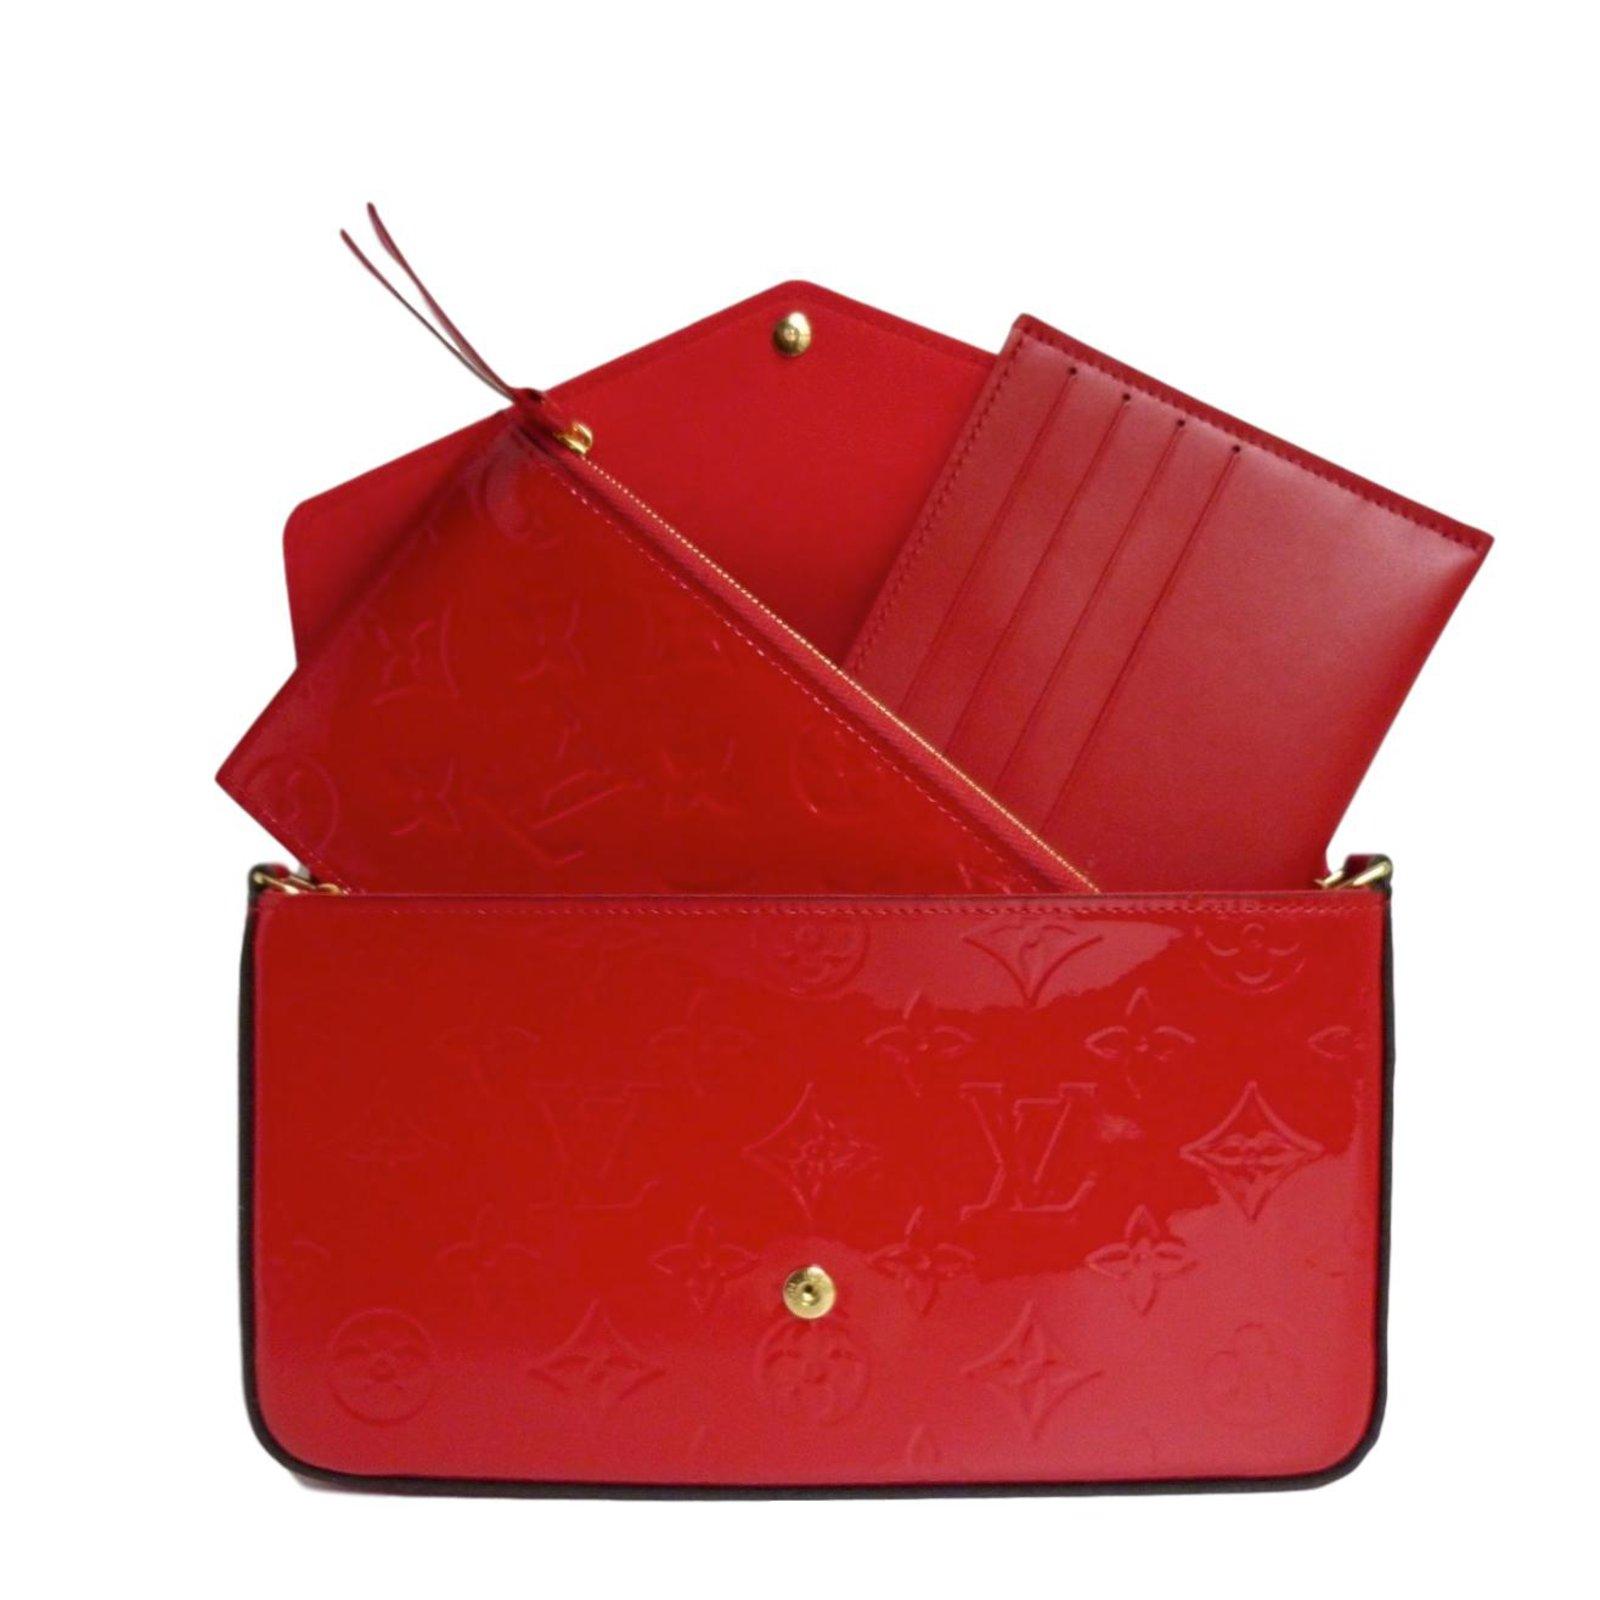 326f12bb25ee Pochettes Louis Vuitton Pochette Félicie en cuir verni rouge cerise Cuir vernis  Rouge ref.71273 - Joli Closet